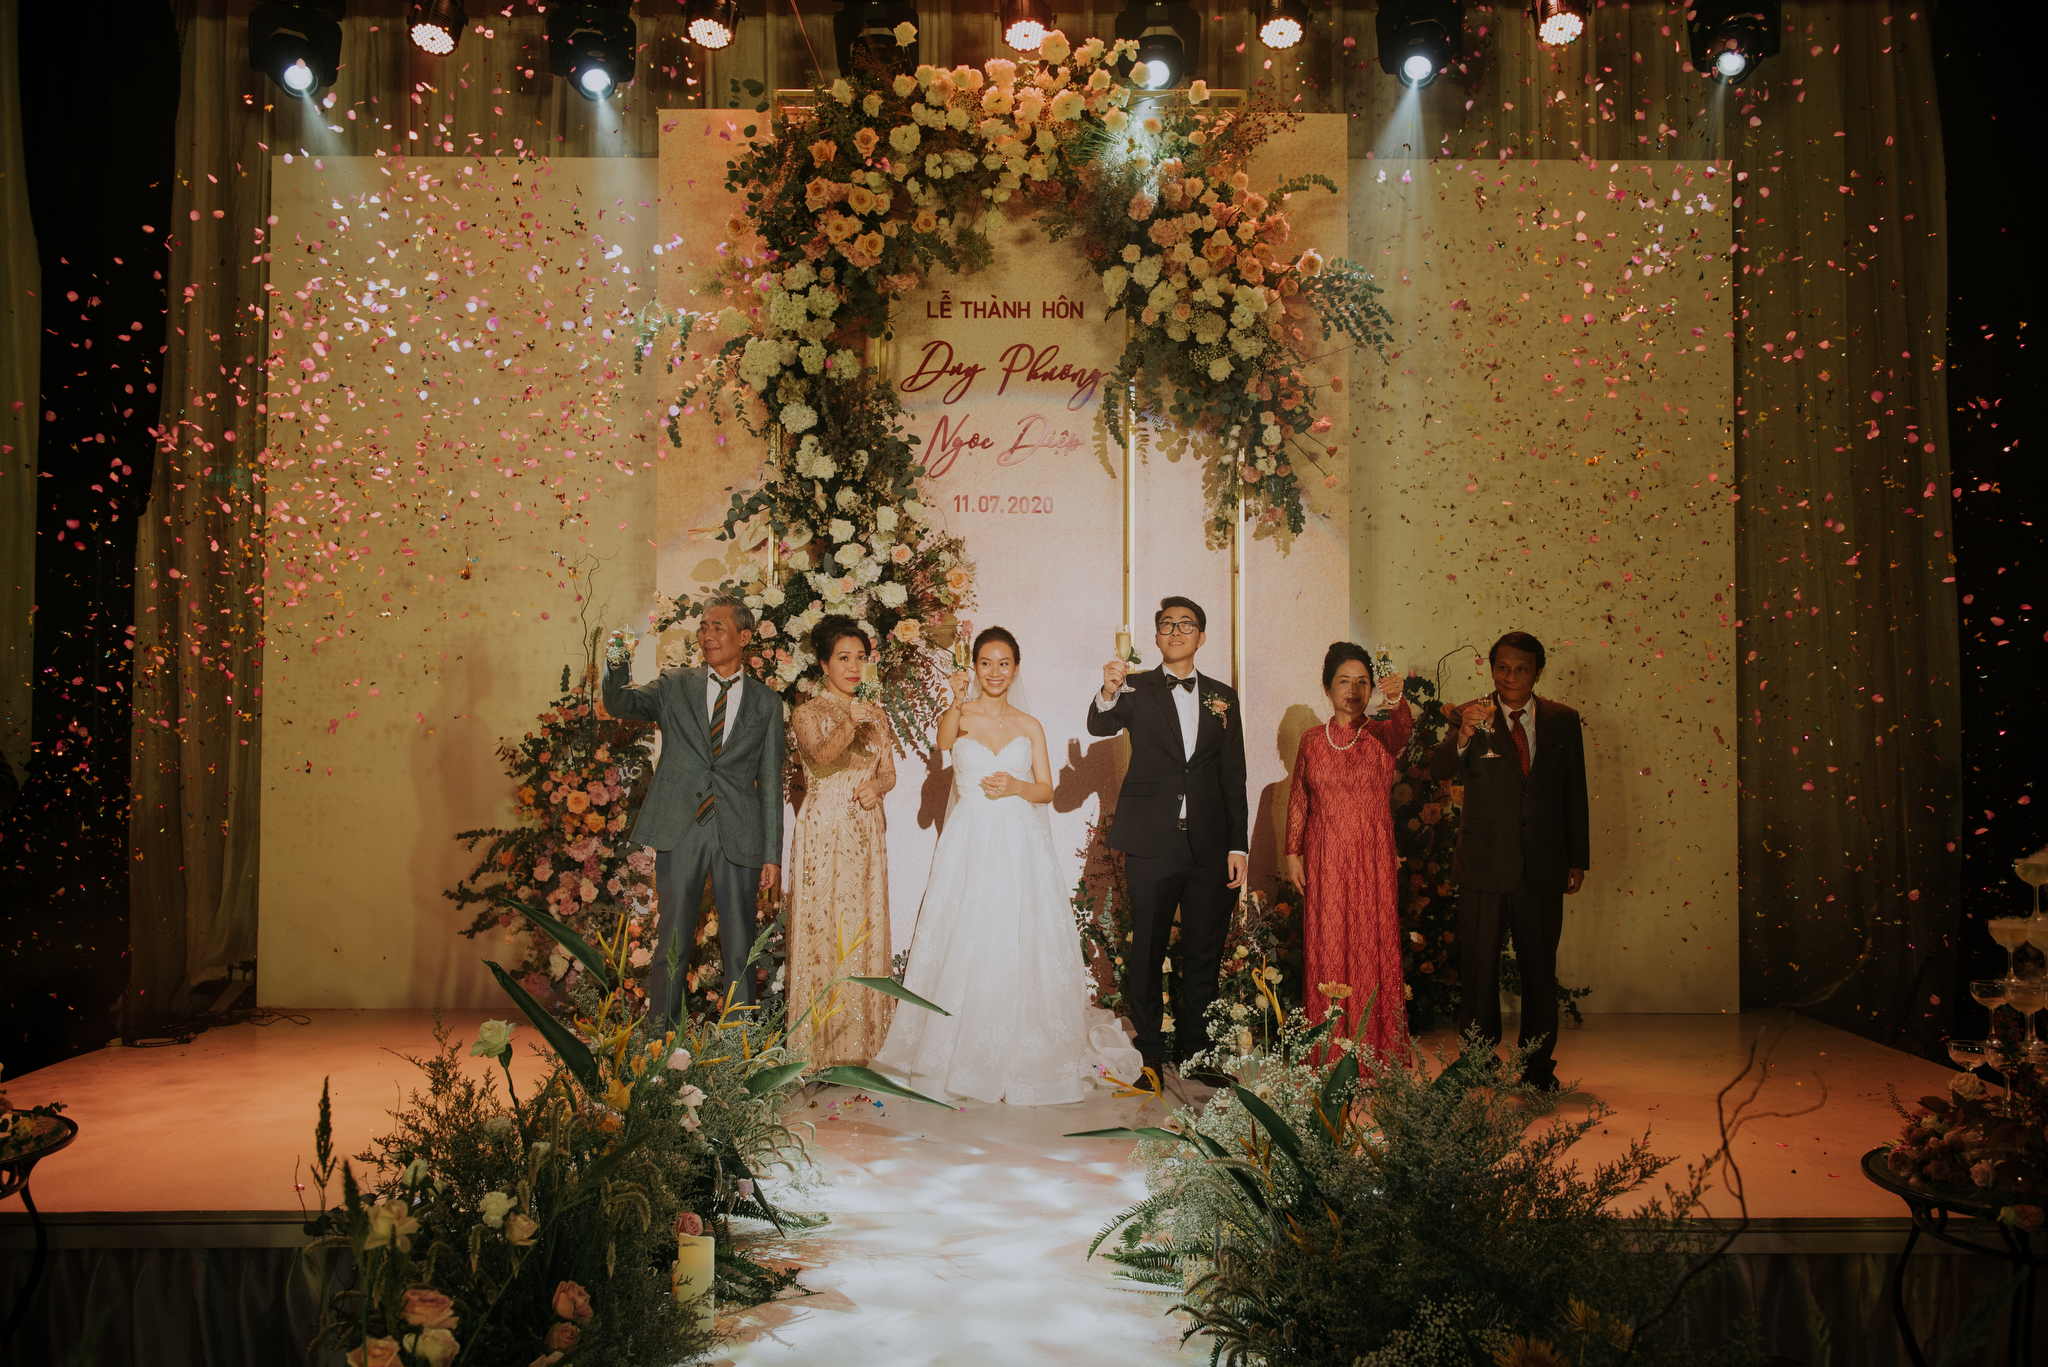 https://huk.s3.amazonaws.com/uploads/image/source/1452/Phuong-Diep-HN-Ceremony-2-0231.JPG